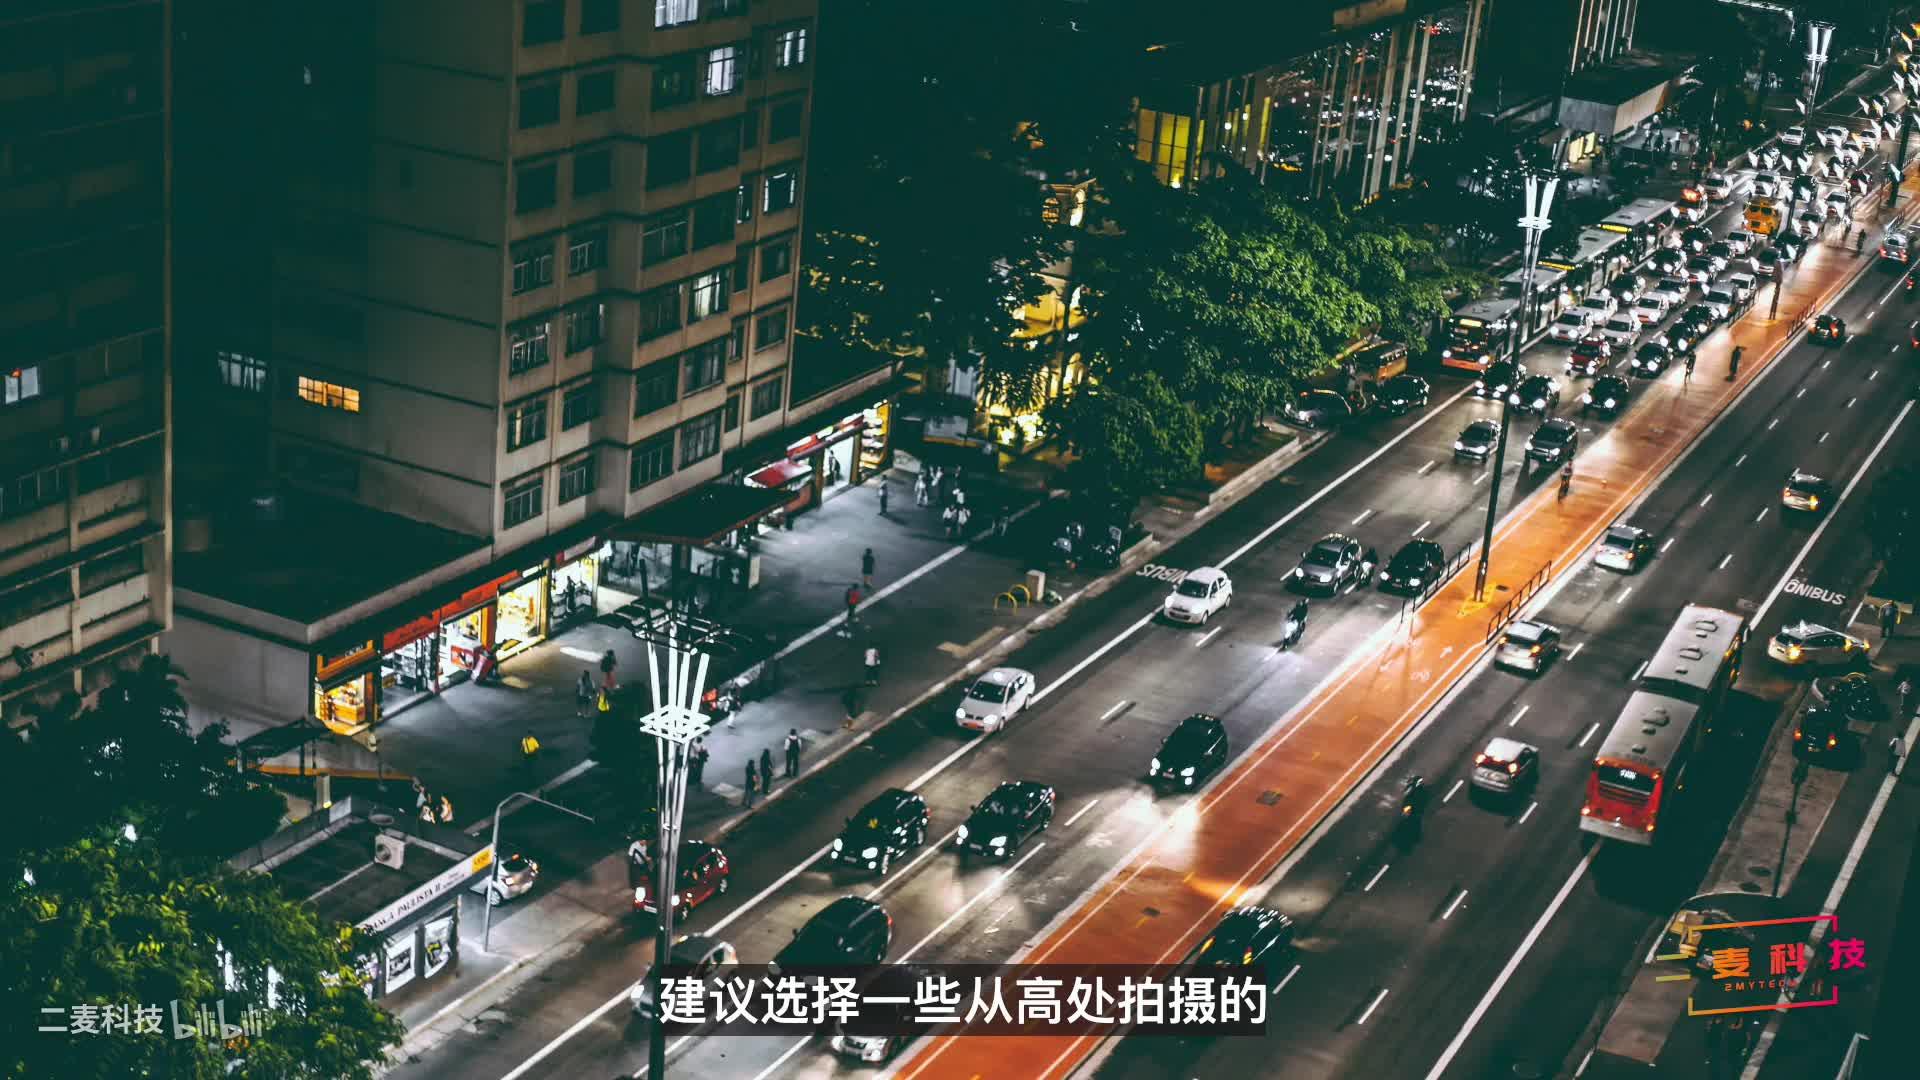 中秋节国庆节风景照不再单调!用手机轻松制作移轴摄影效果